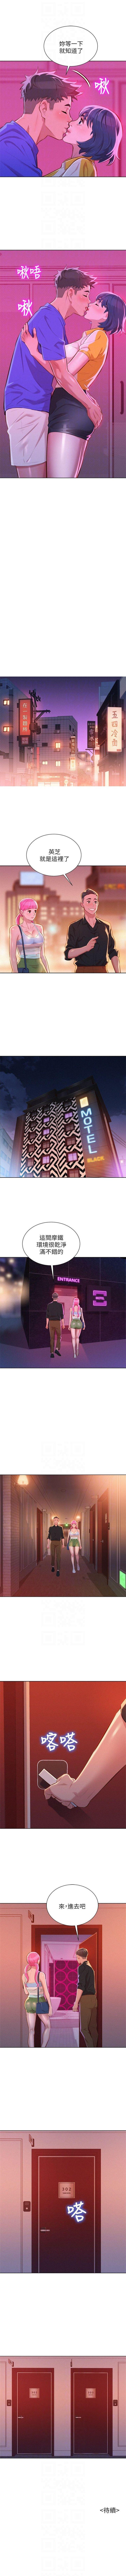 (周7)漂亮干姐姐  1-79 中文翻译 (更新中) 281